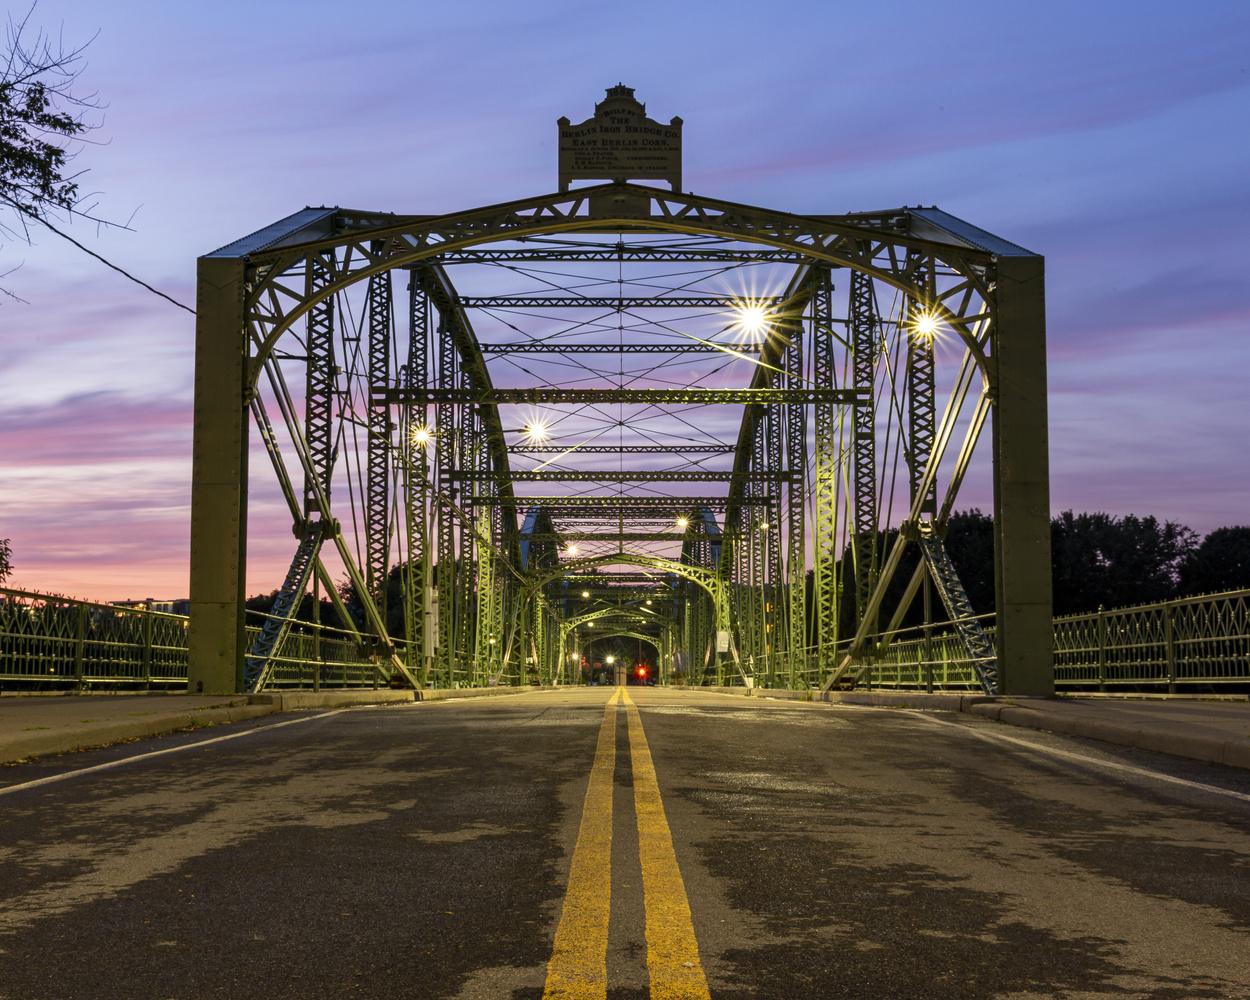 Washington ST Bridge by Greg Milunich